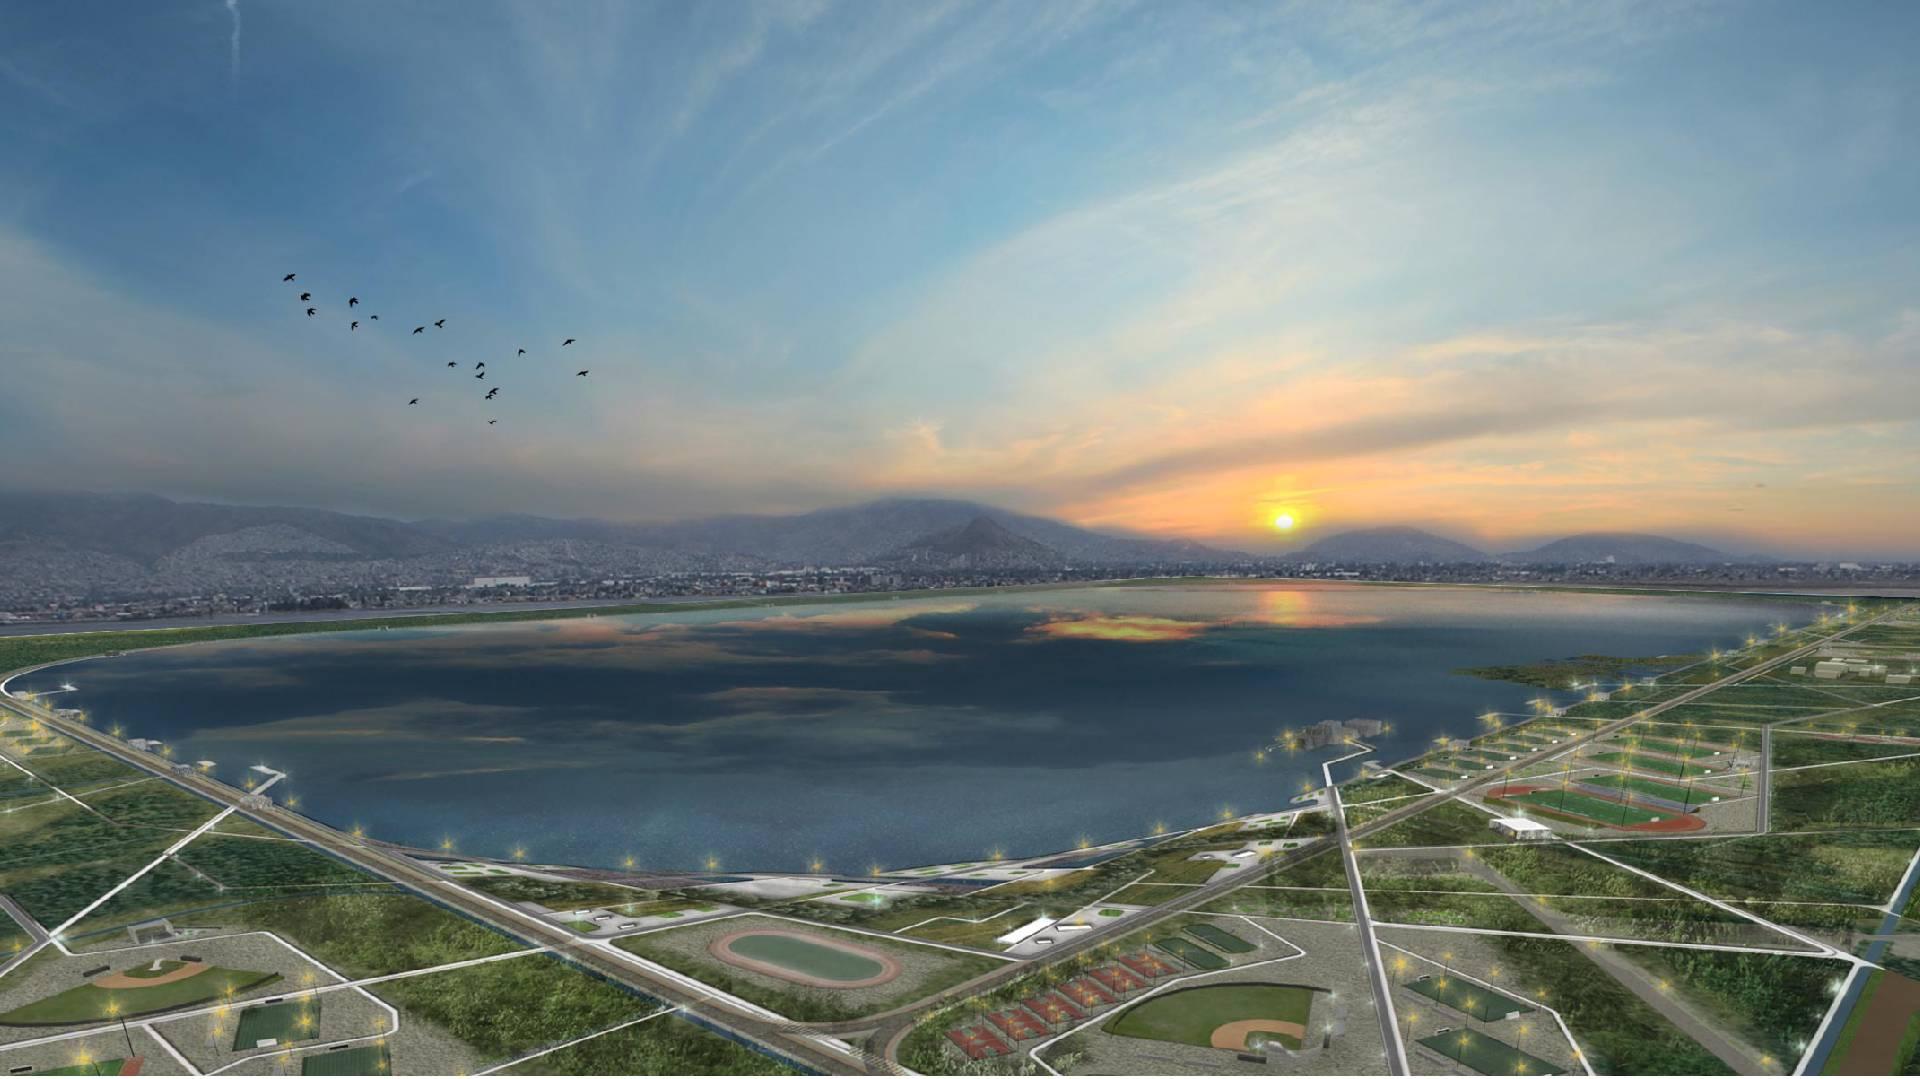 Conoce el nuevo Parque Ecológico Lago de Texcoco, este proyecto que ya dio comienzo por parte de CONAGUA será el más grande del mundo.